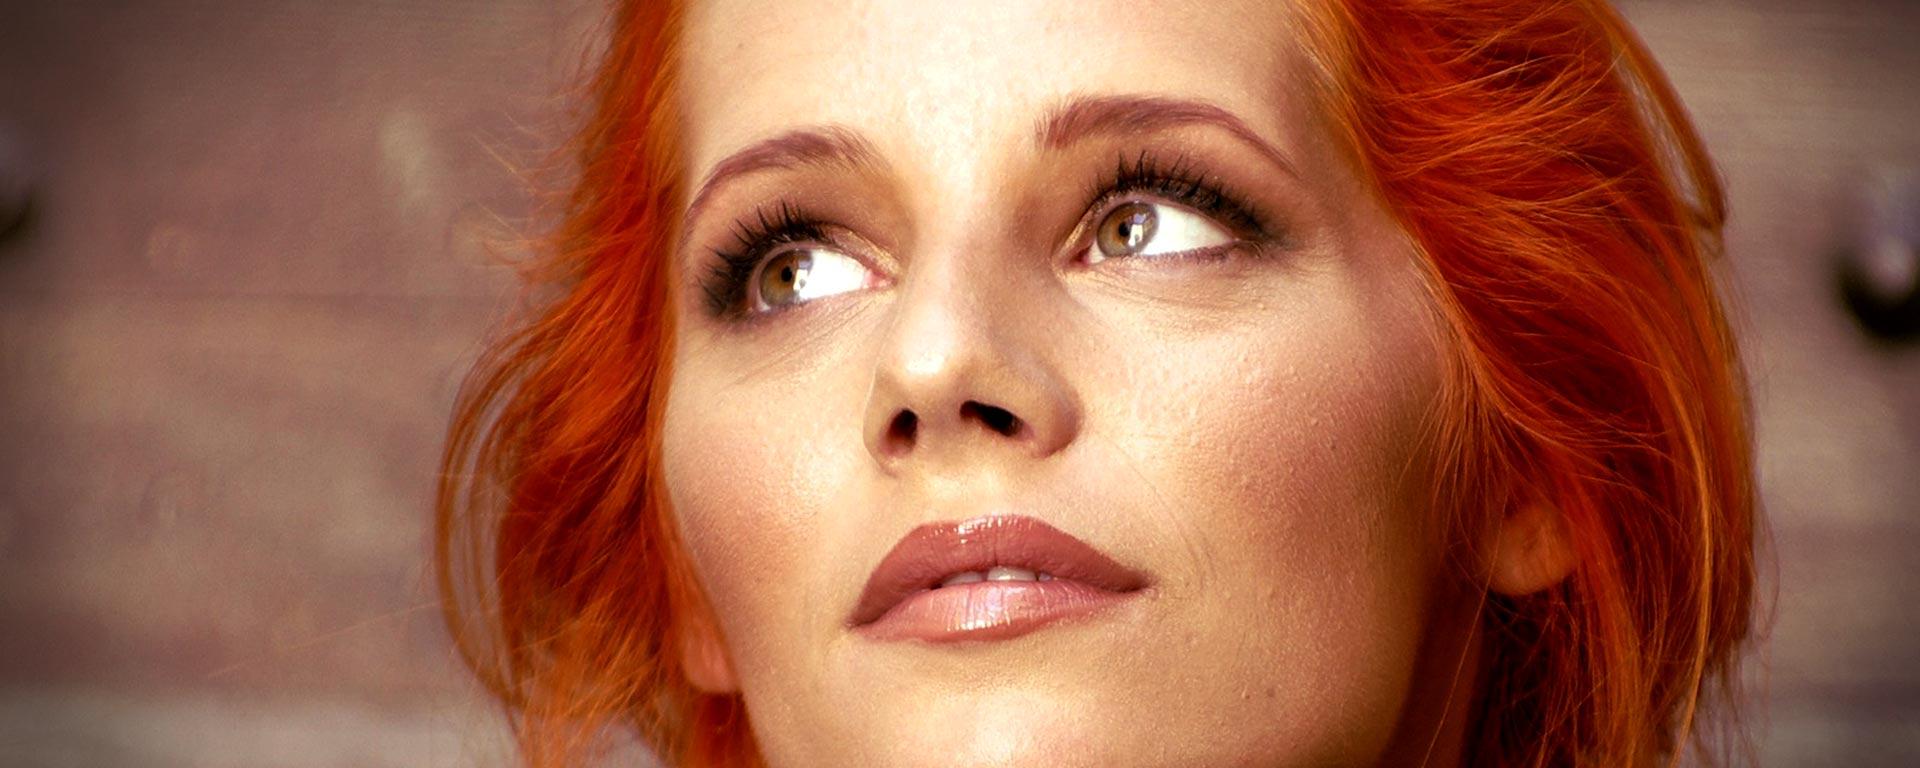 Porträtt på kvinna med rött hår som tittar uppåt vänster